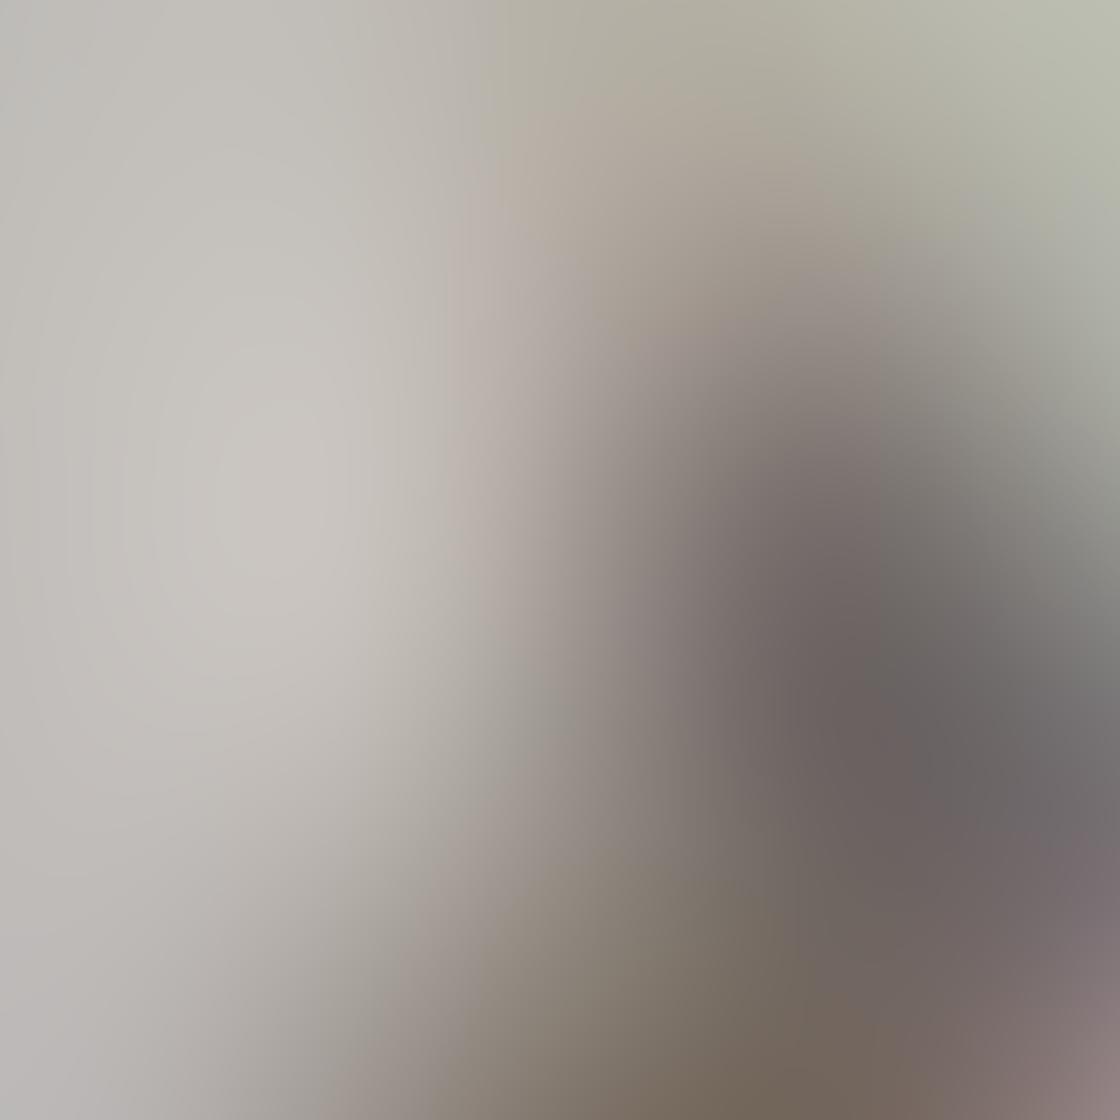 iPhone Photos Portrait Backgrounds 45